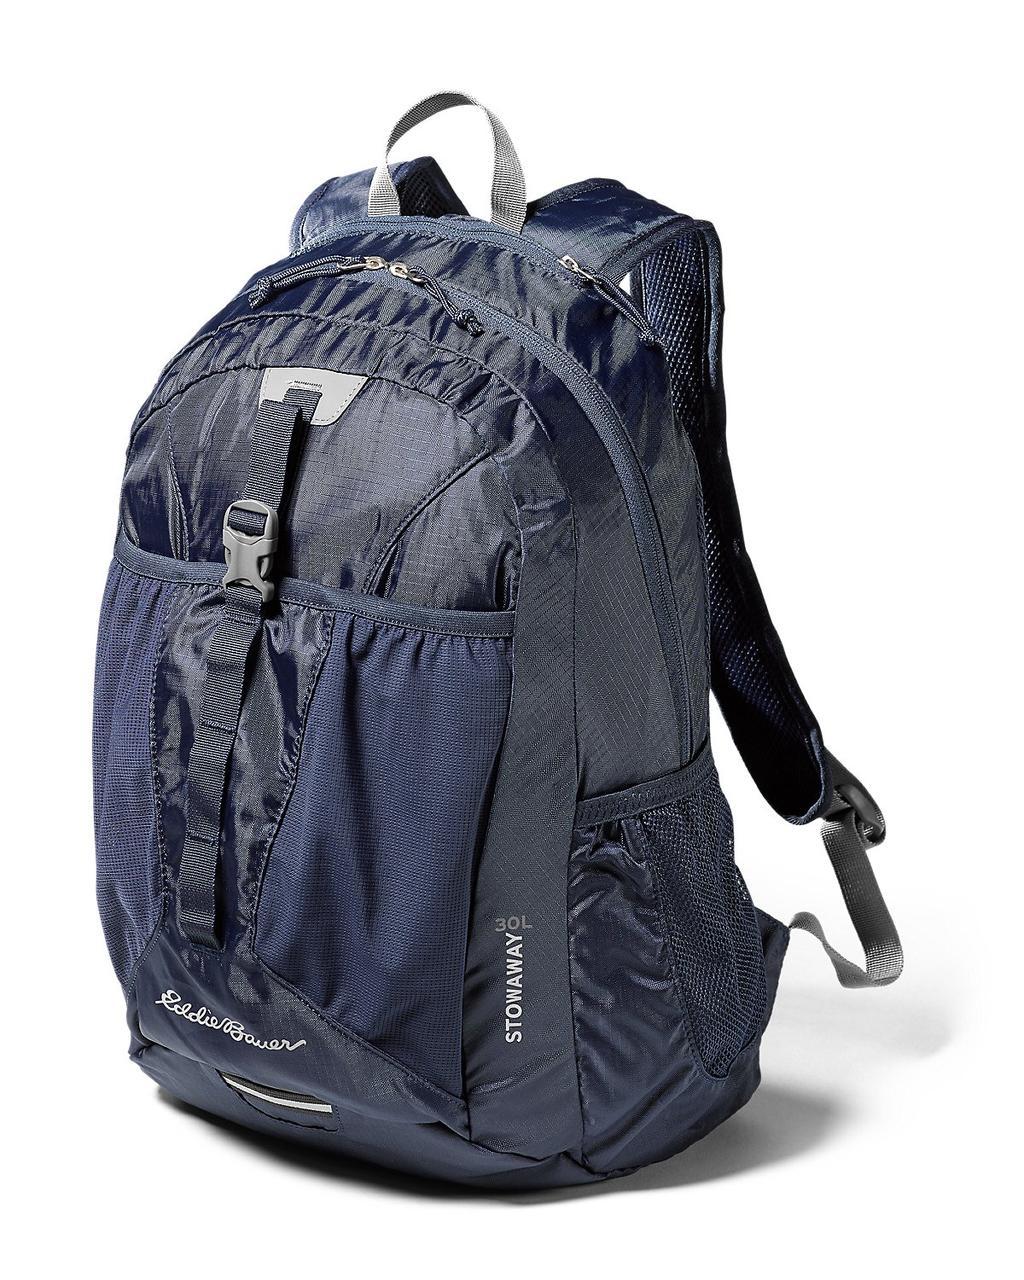 Рюкзак Eddie Bauer Stowaway Packable Backpack 30L Navy